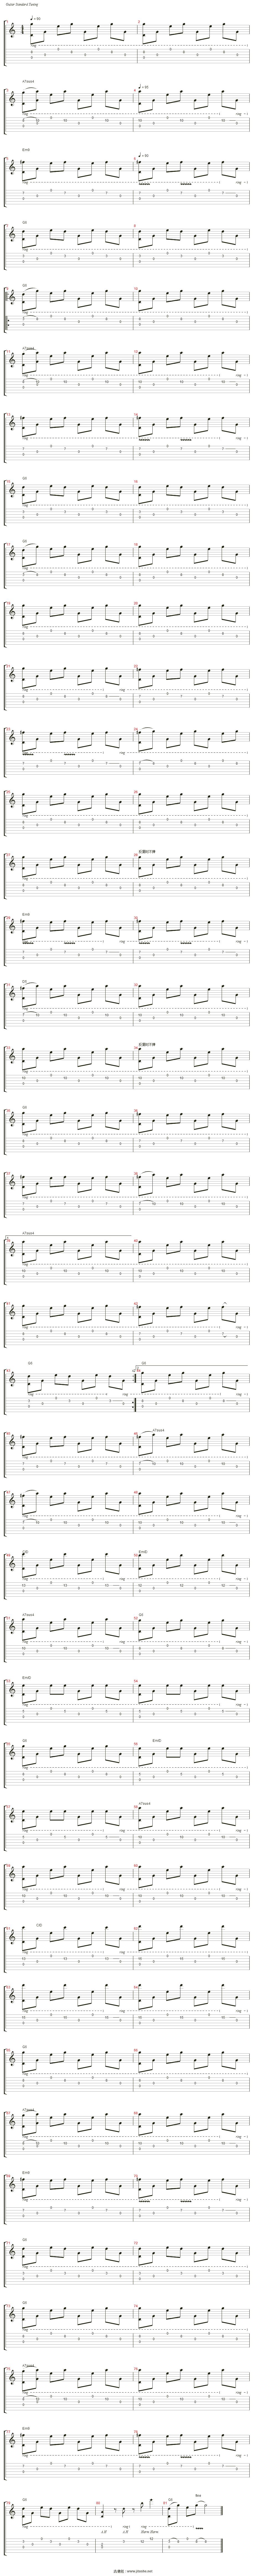 net 指示:key=g 节拍:♩ = 121 和弦:a7sus4 em9 g6 g6  g6  d5